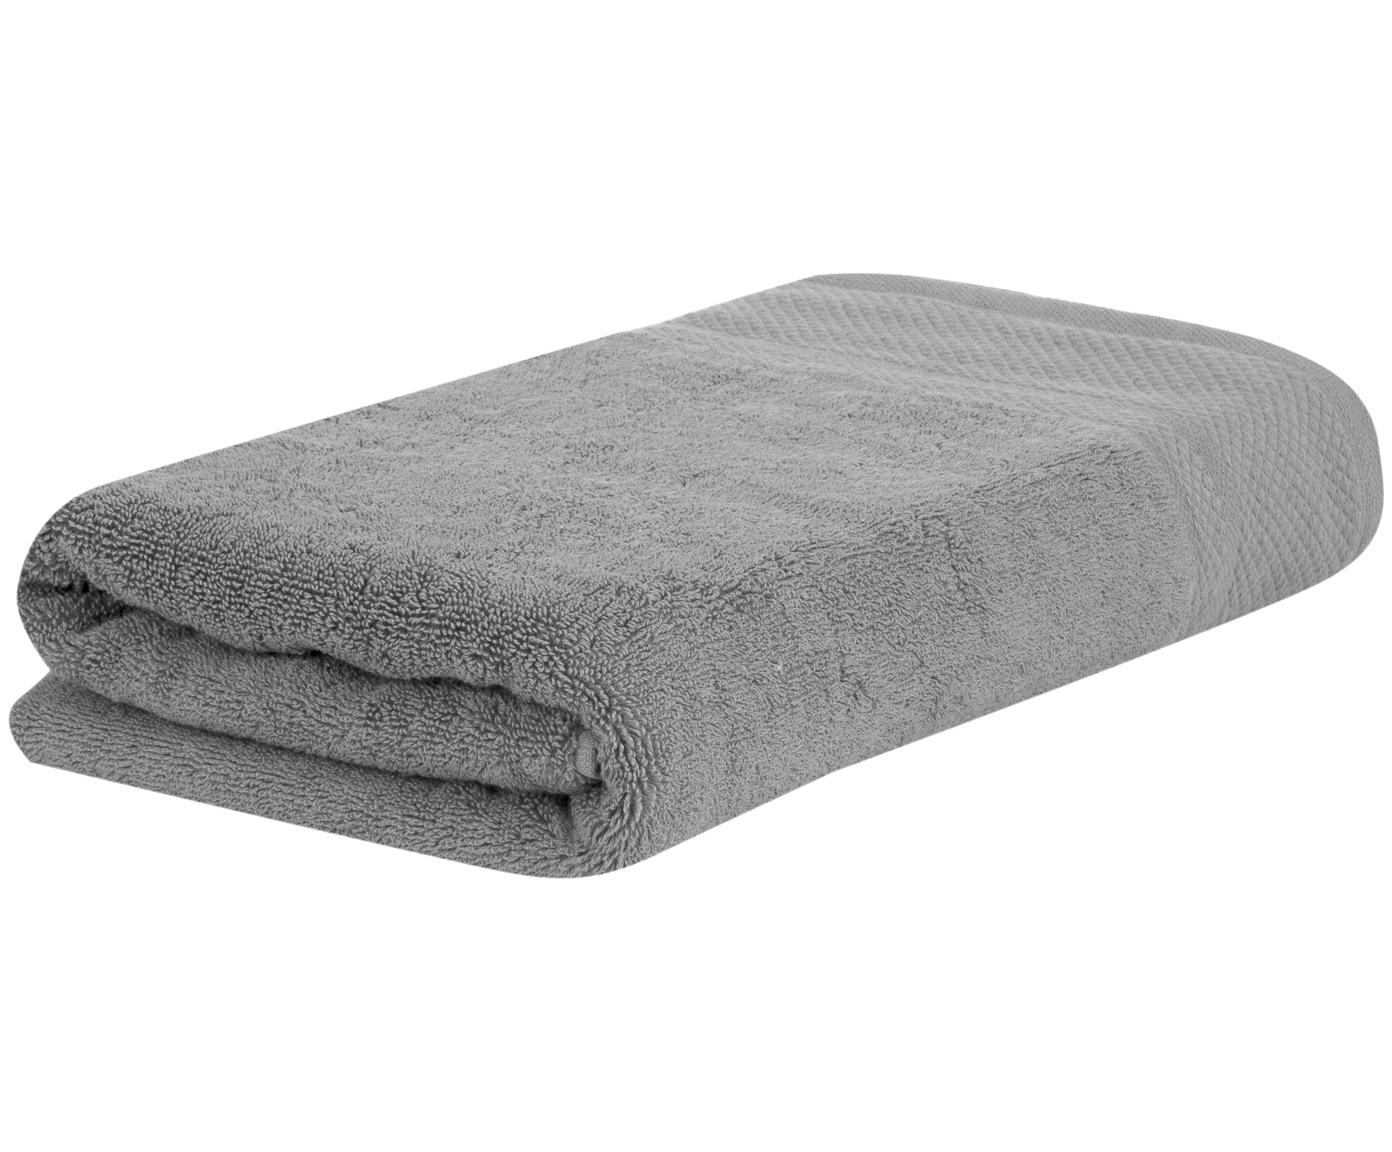 Handtuch Premium in verschiedenen Grössen, mit klassischer Zierbordüre, Dunkelgrau, XS Gästehandtuch